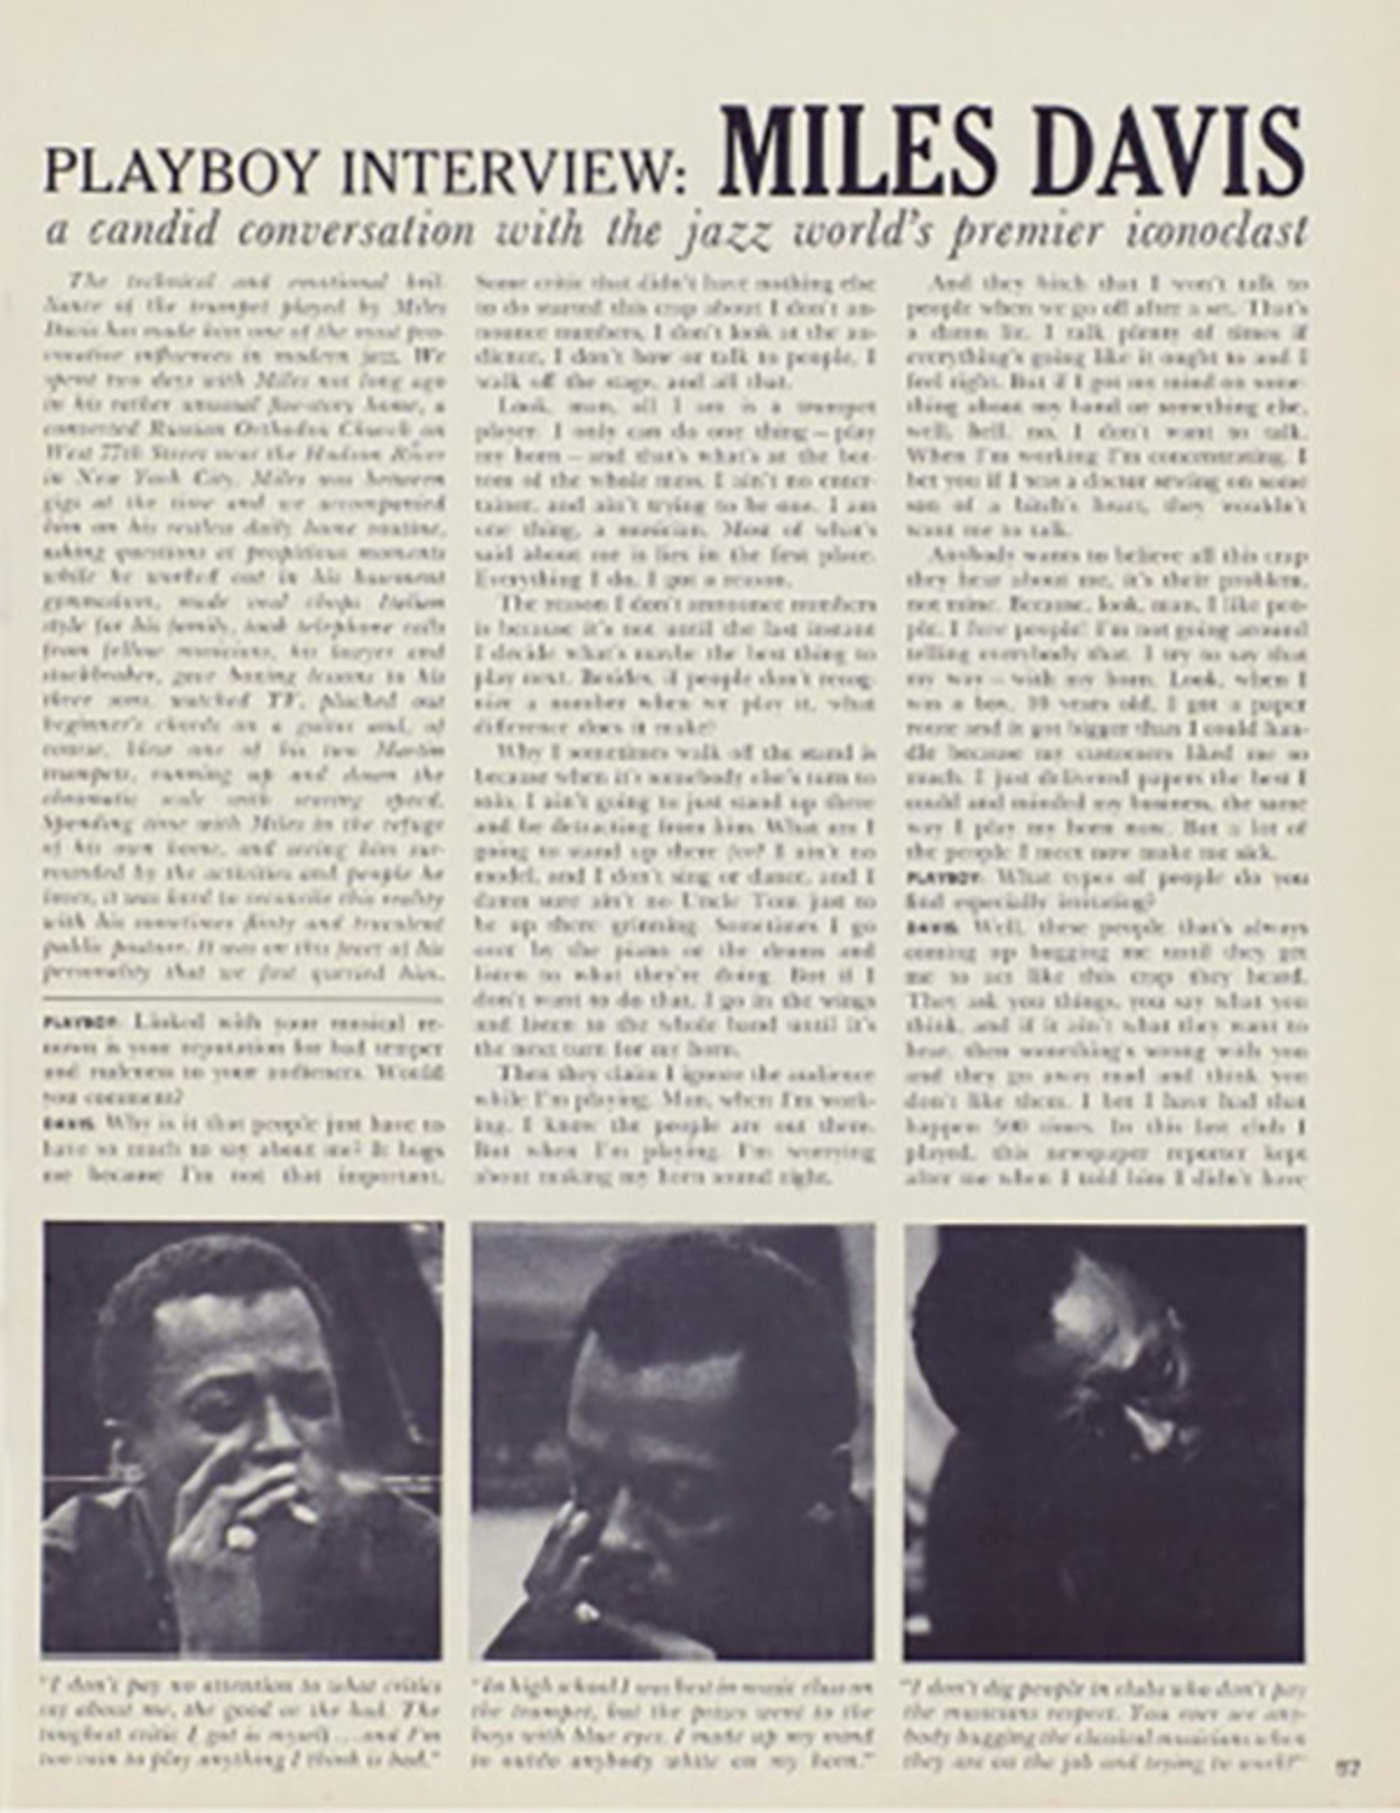 《花花公子》对爵士大师Miles Davis的专访。图片来源/contentful.com